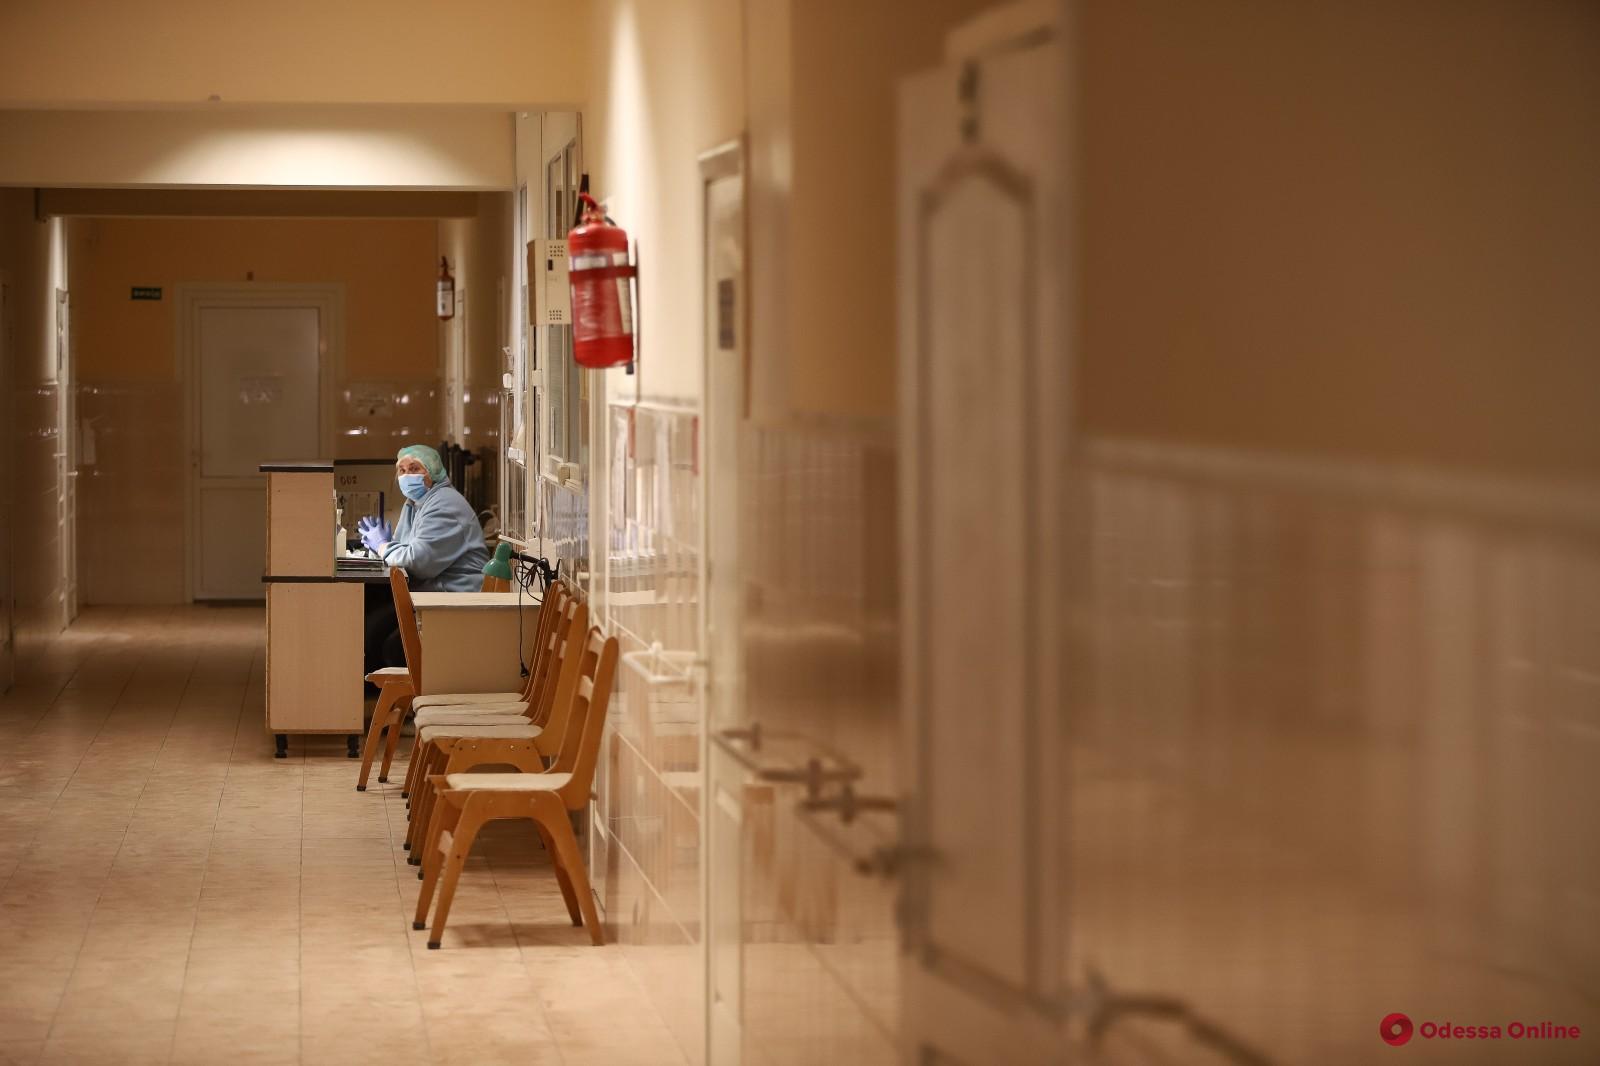 Завтра в одесской больнице №8 откроют новое отделение на 100 коек для пациентов с COVID- 19